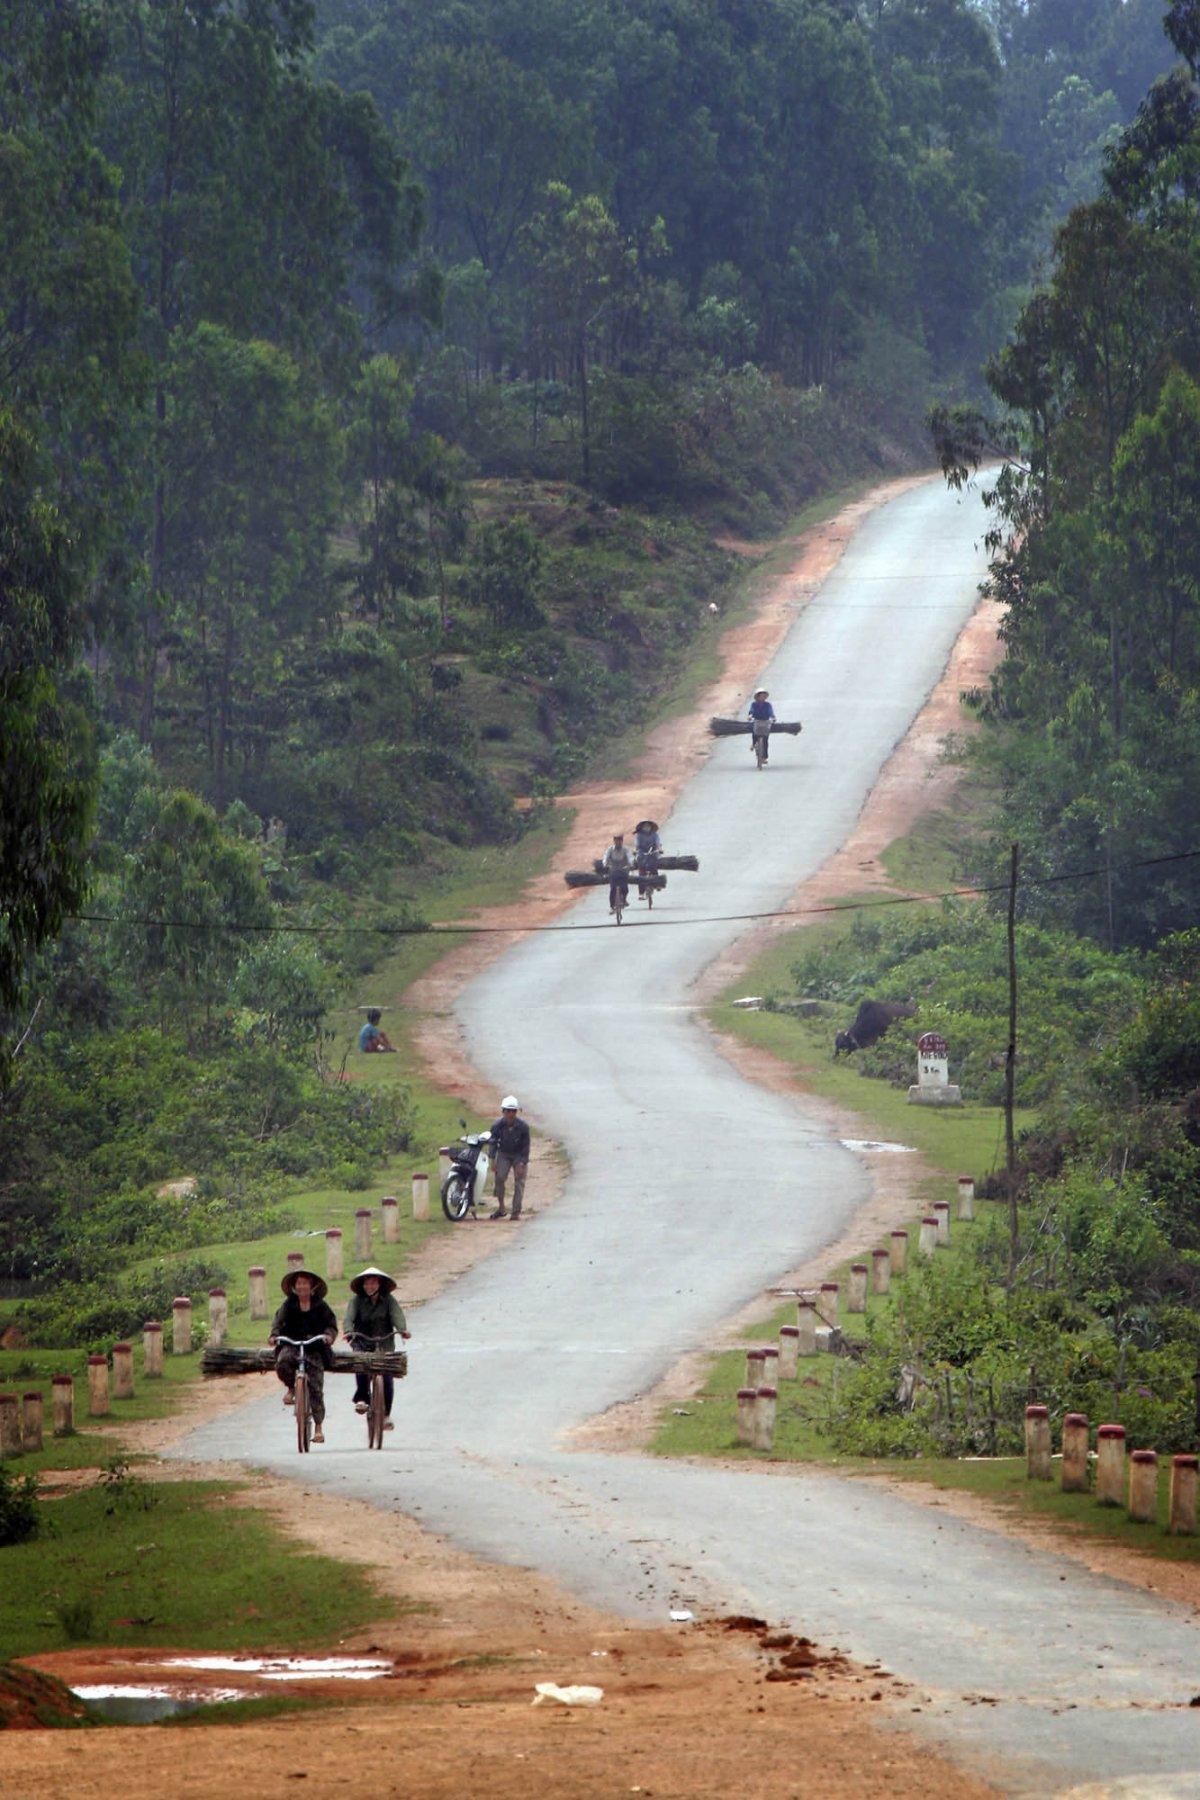 Одни из самых опасных дорог мира